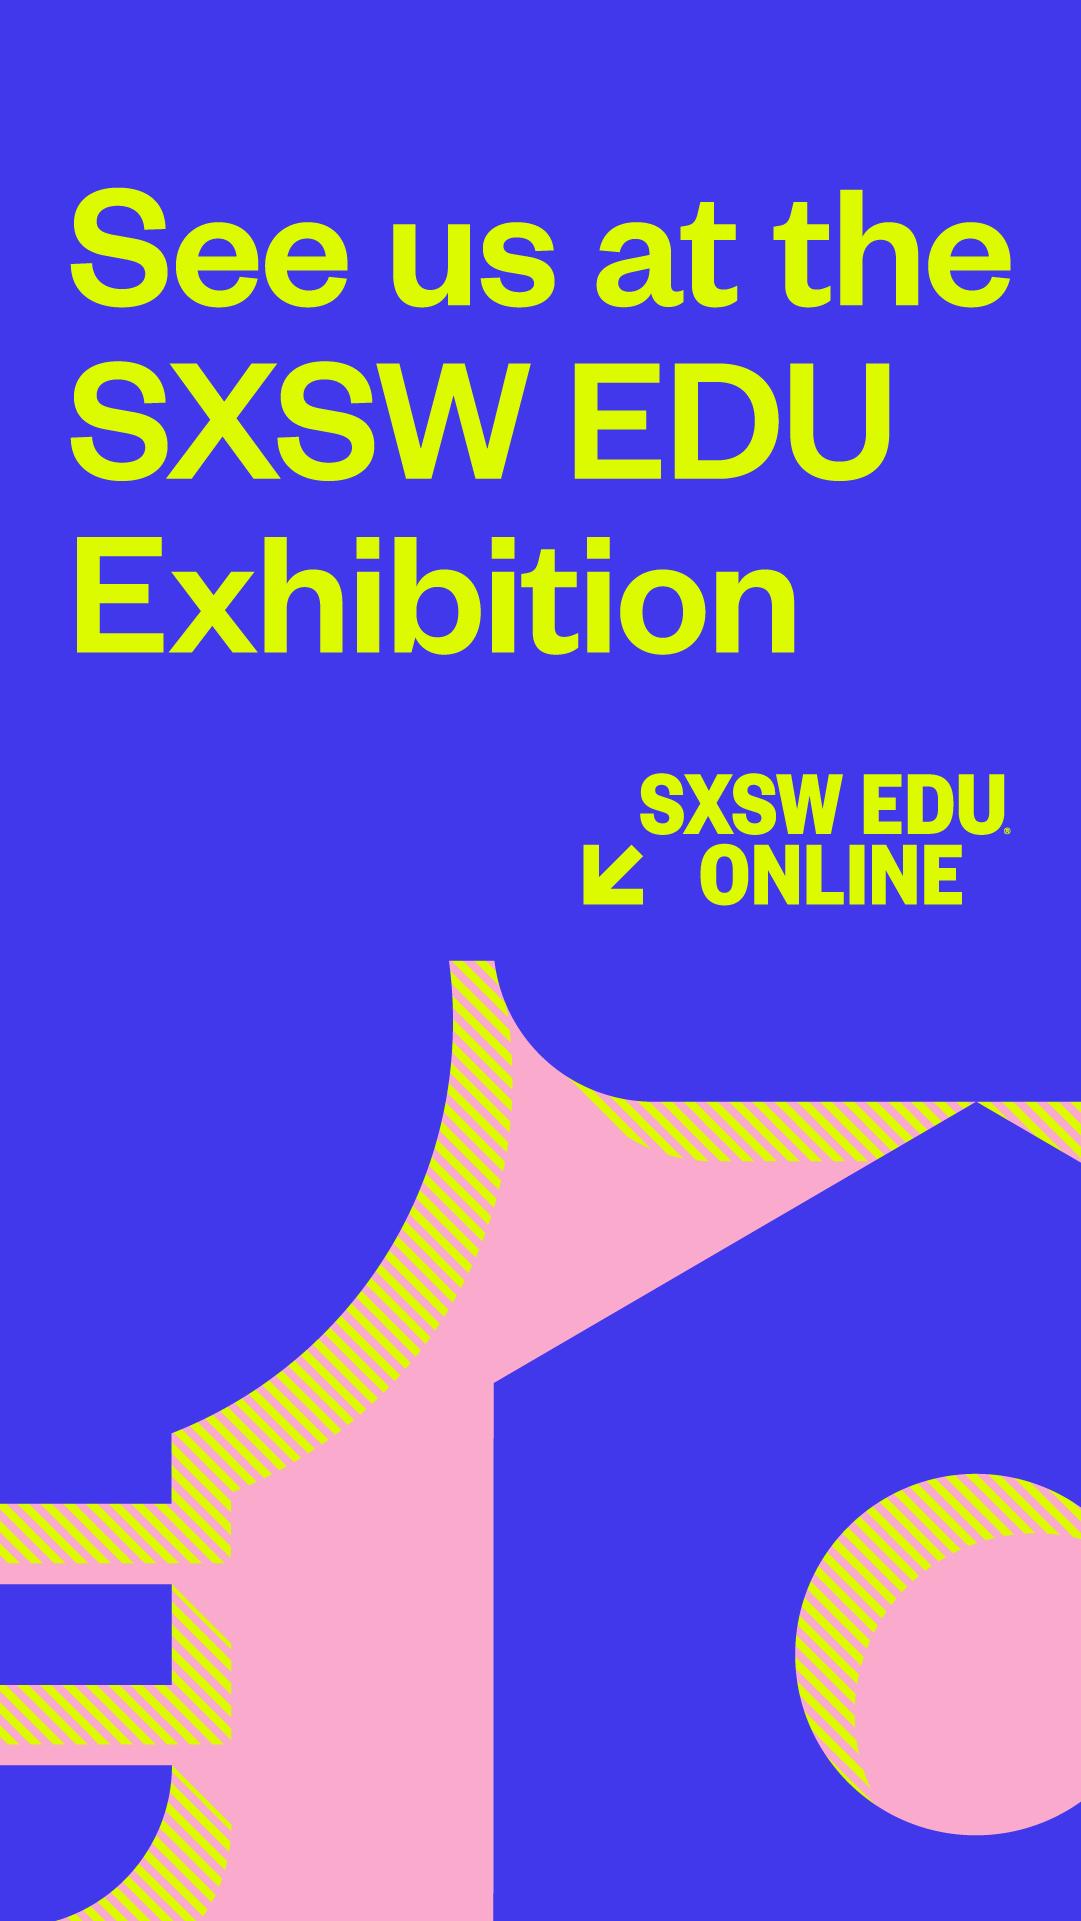 2021 EDU Exhibitor Image IG Story